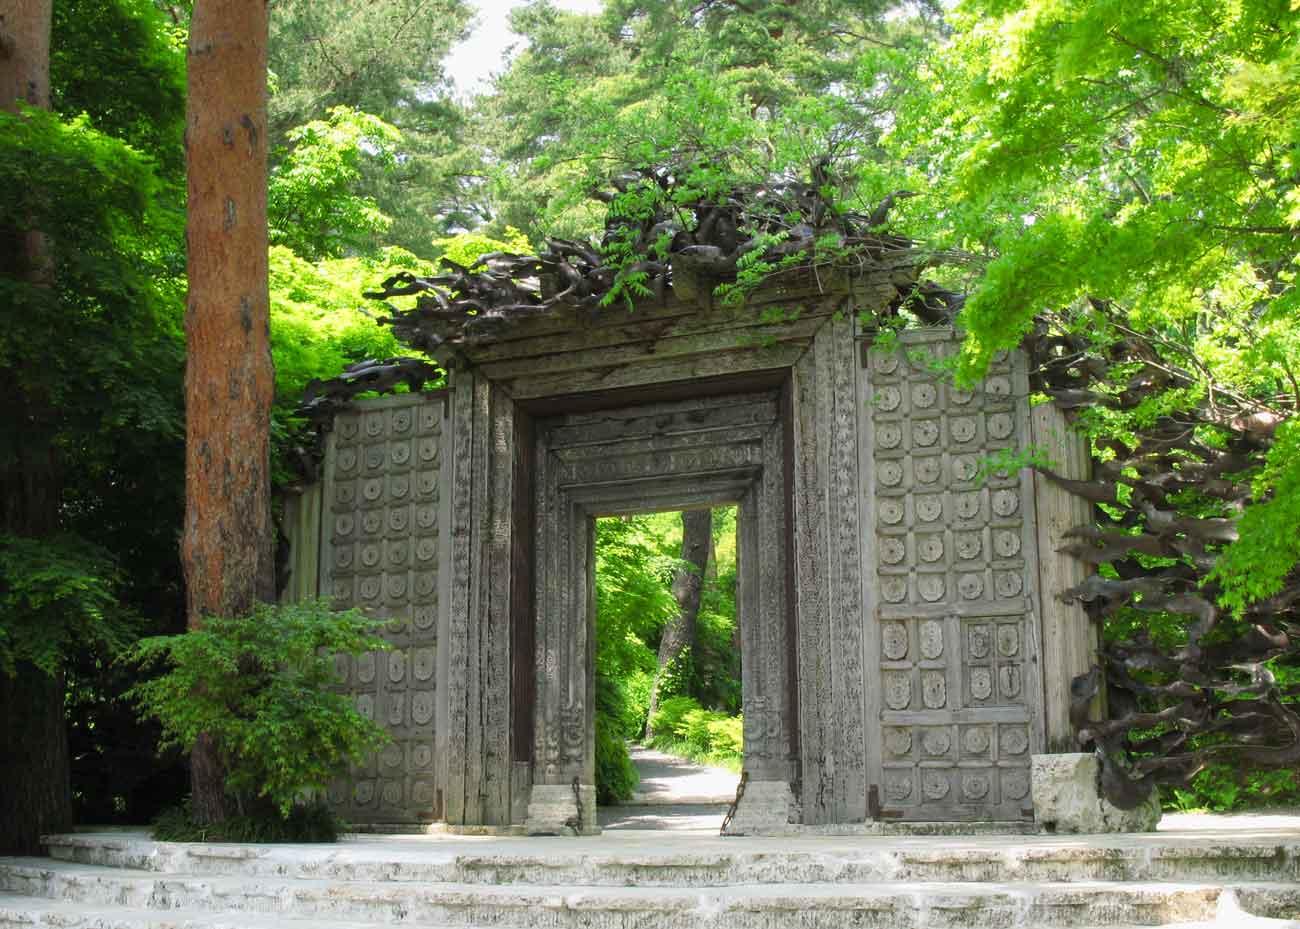 ©  Juuyoh Tanaka  /  Creative Commons , Kubota Itchiku Art Museum Entrance